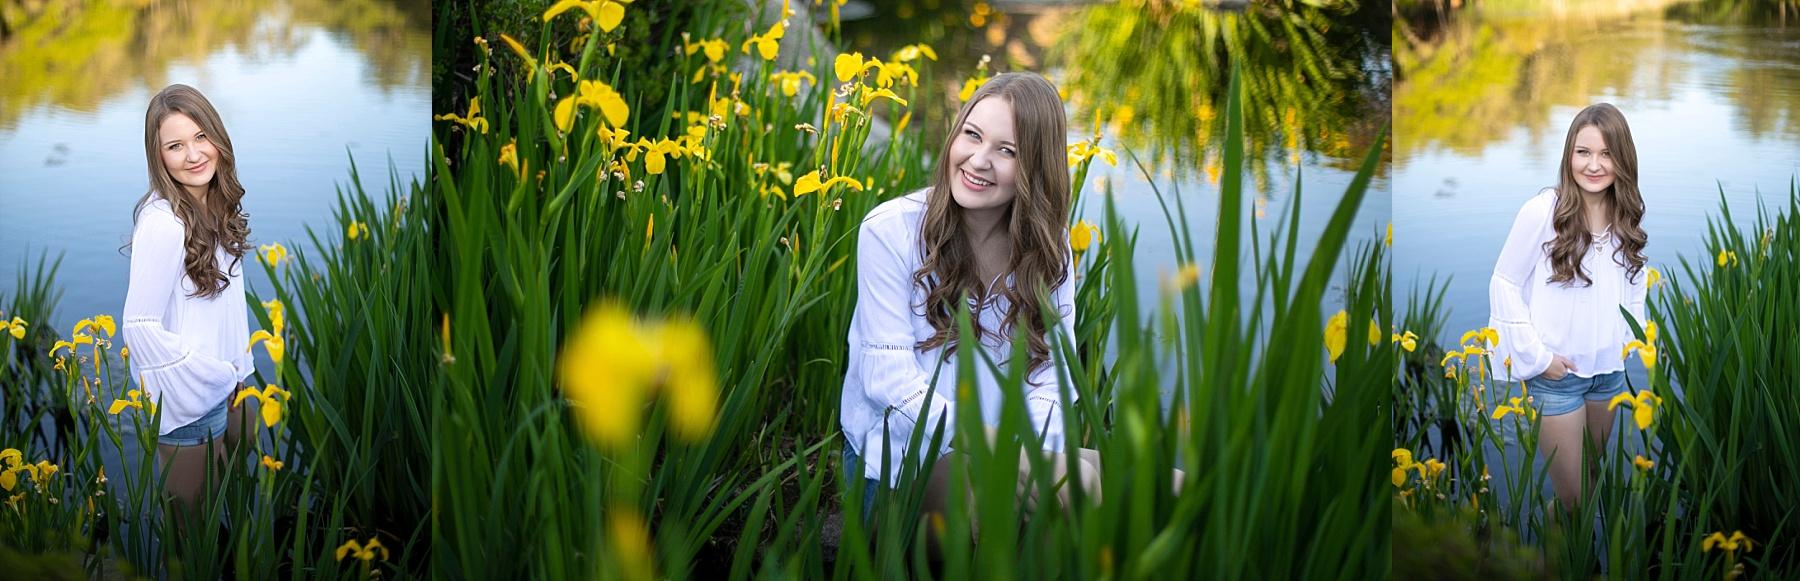 Capital Christian High School Senior Portait Photographer_0037.jpg